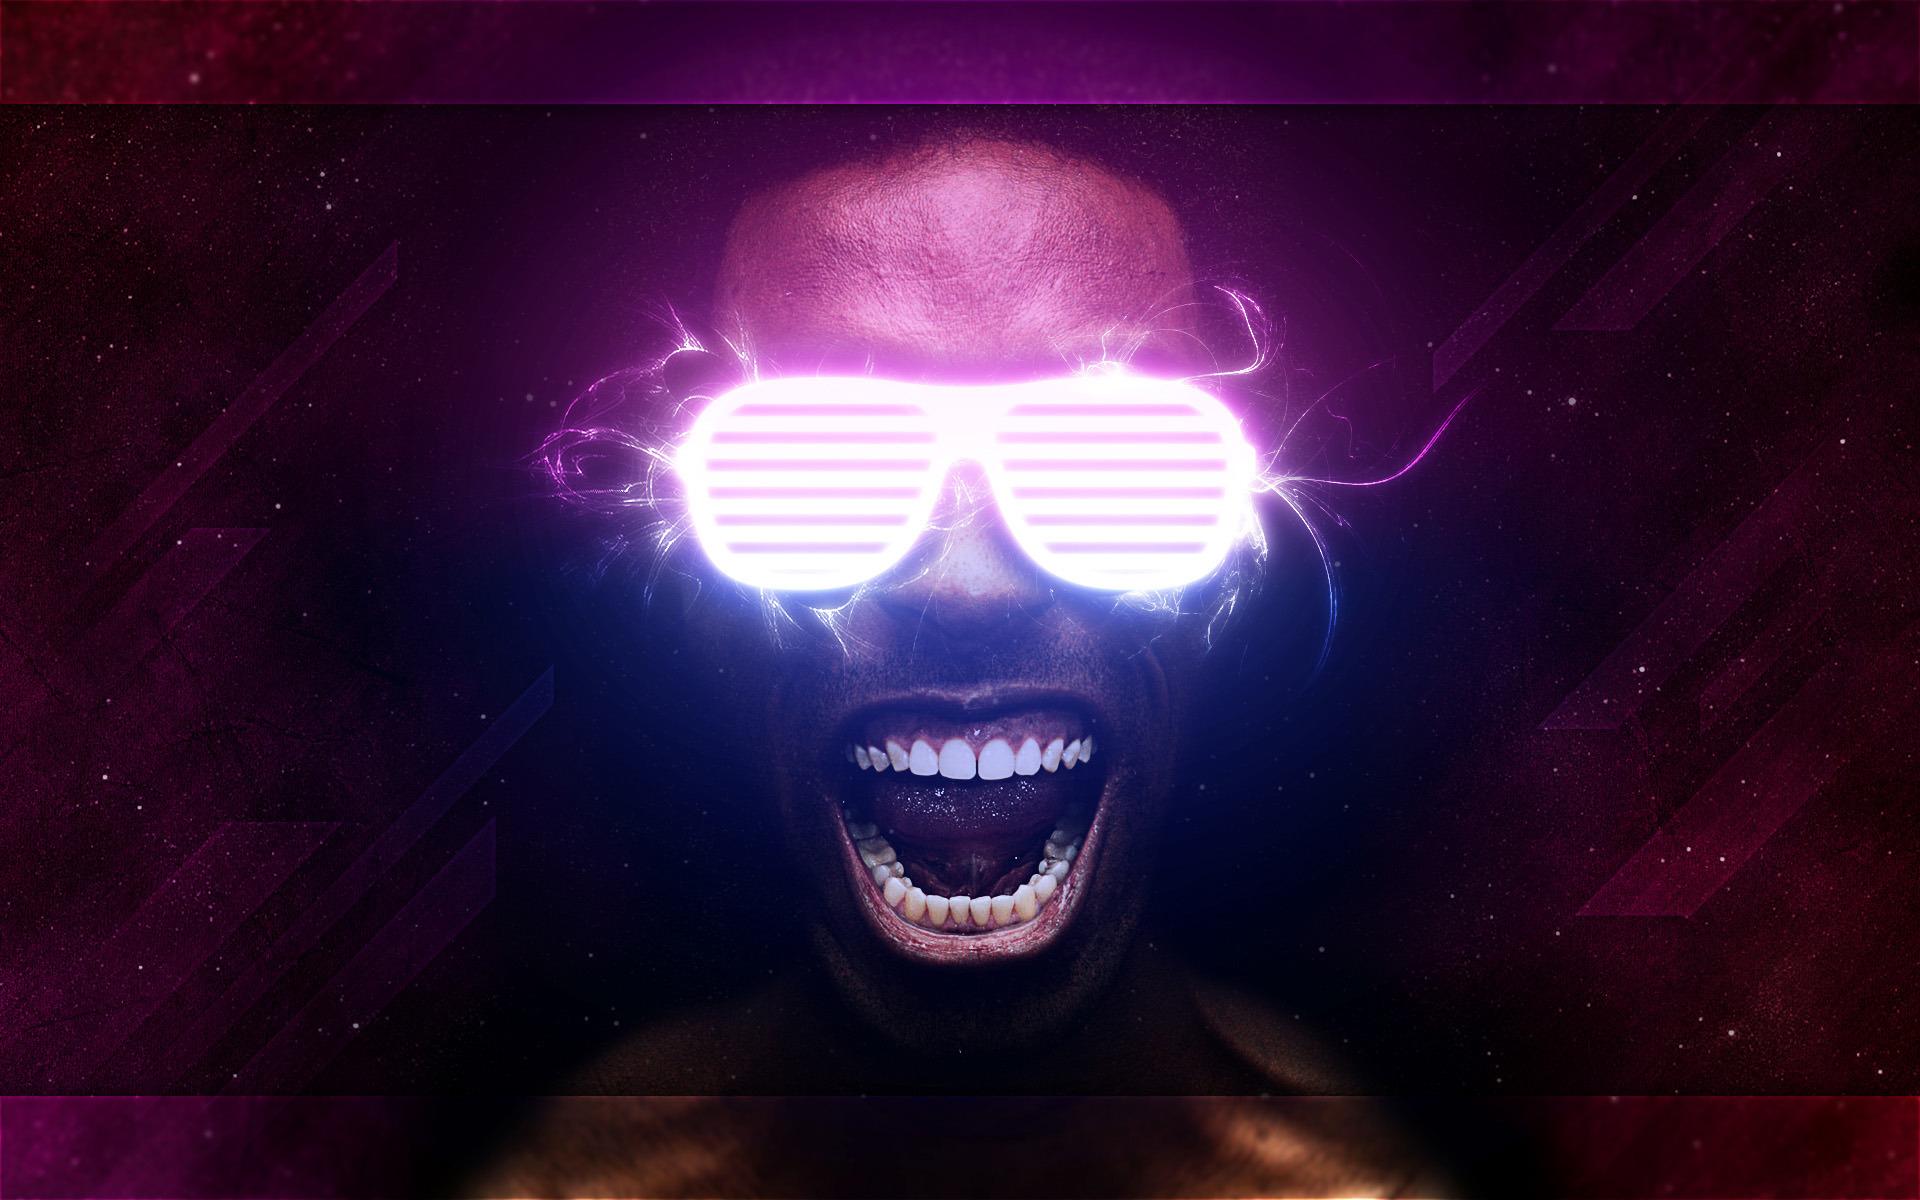 неон маска neon mask  № 2321223 загрузить